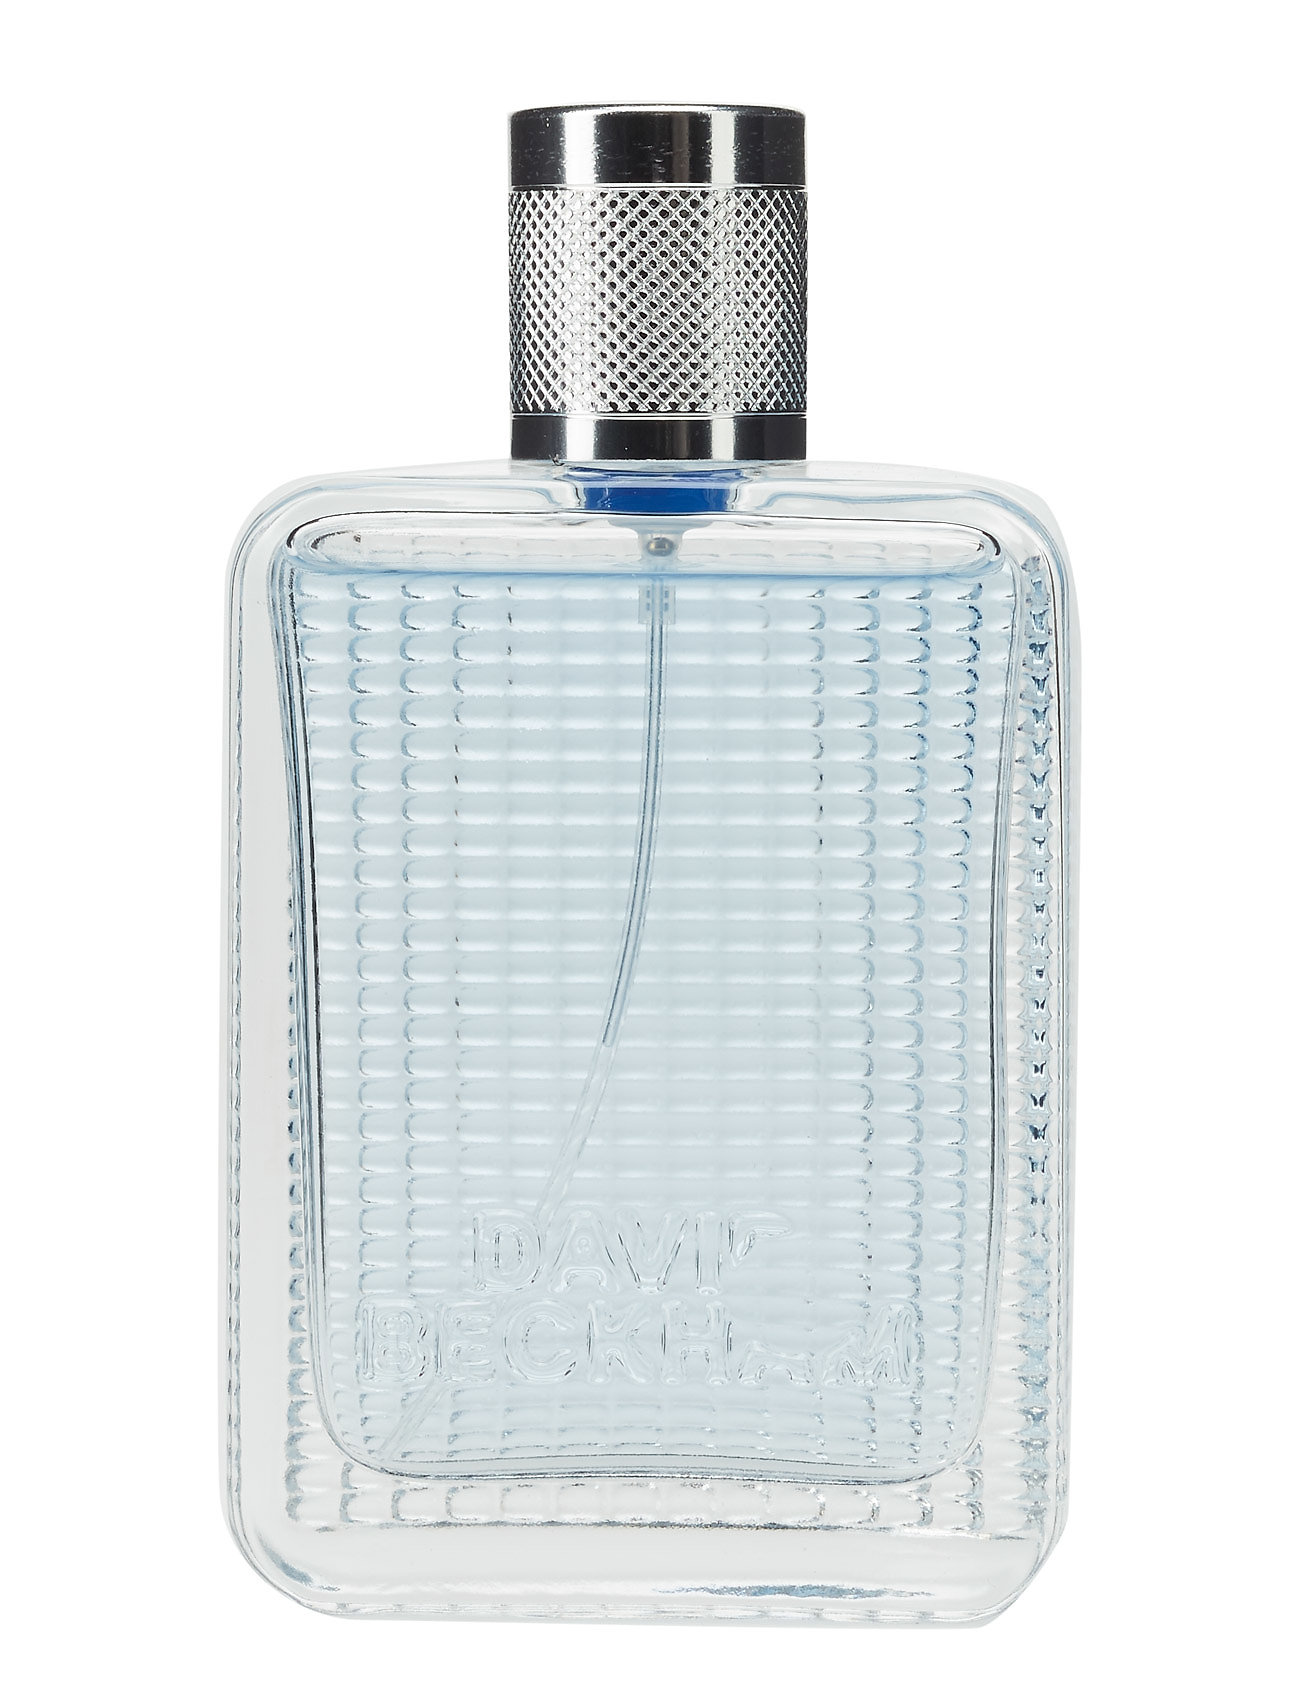 Image of Essence Eau De Toilette Parfume Eau De Parfum Nude David Beckham (2937582479)